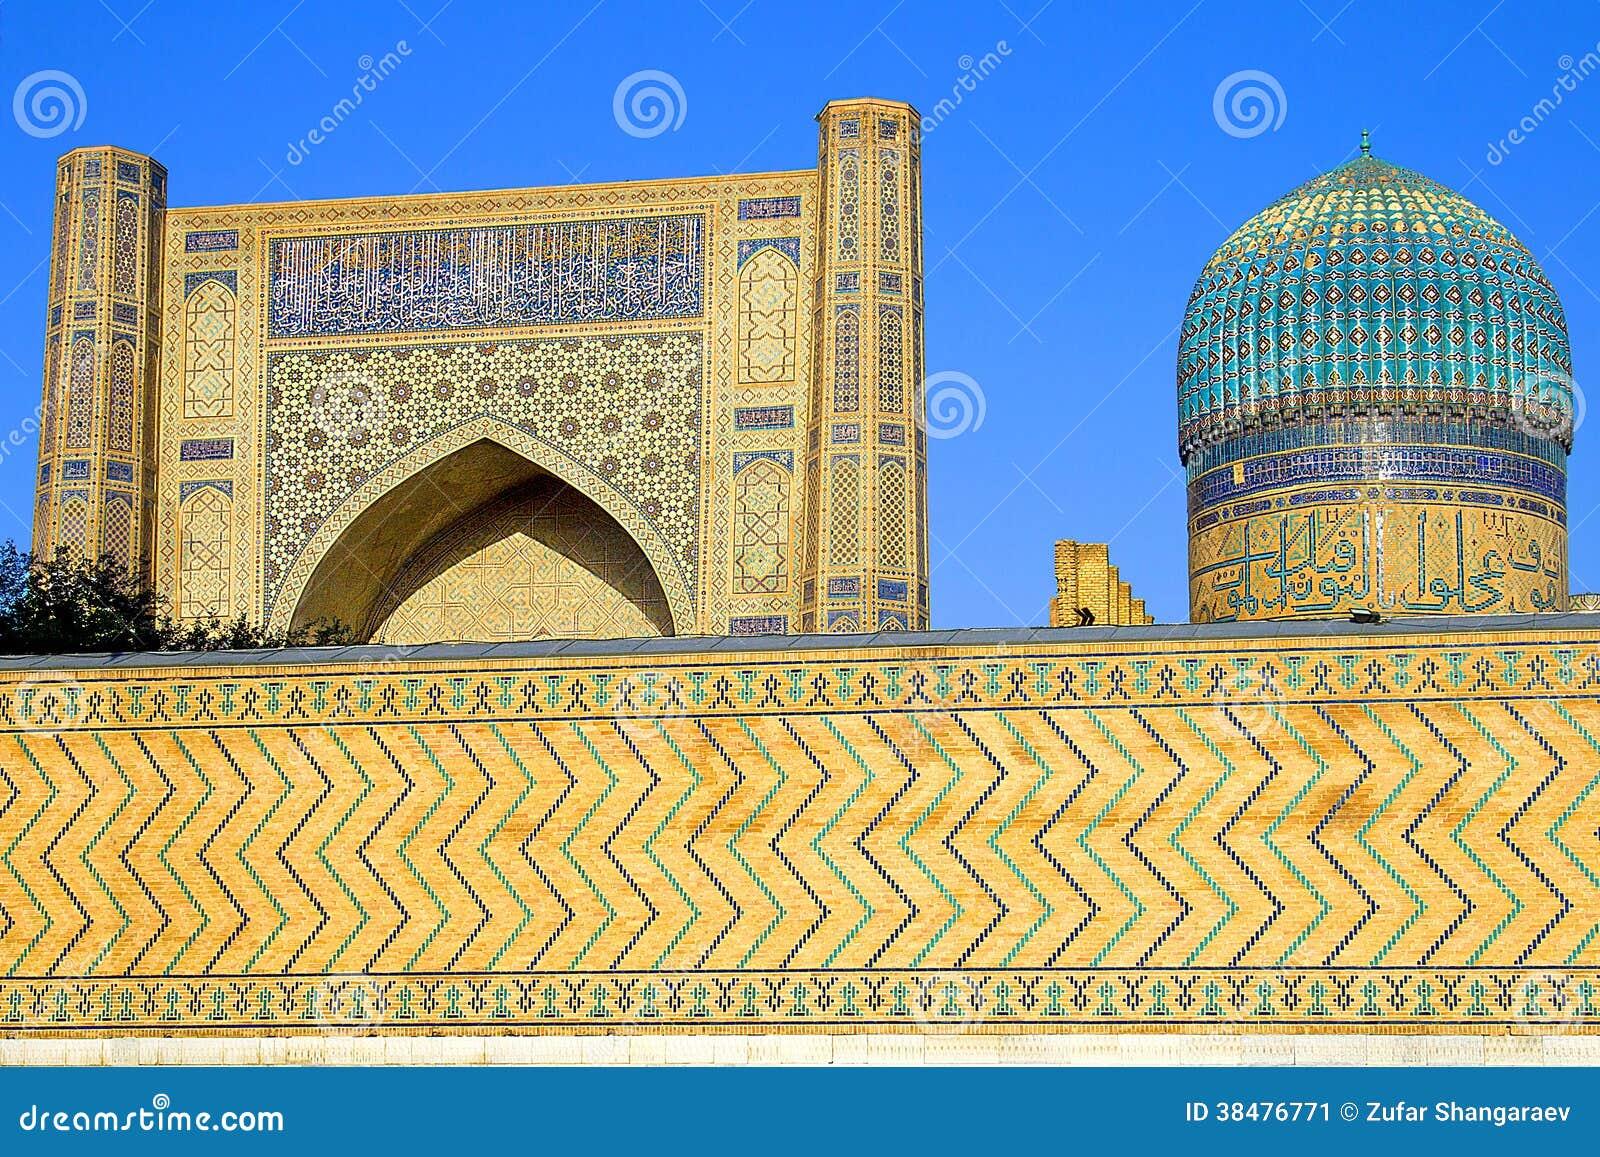 ancient muslim architectural complex bibichanum in